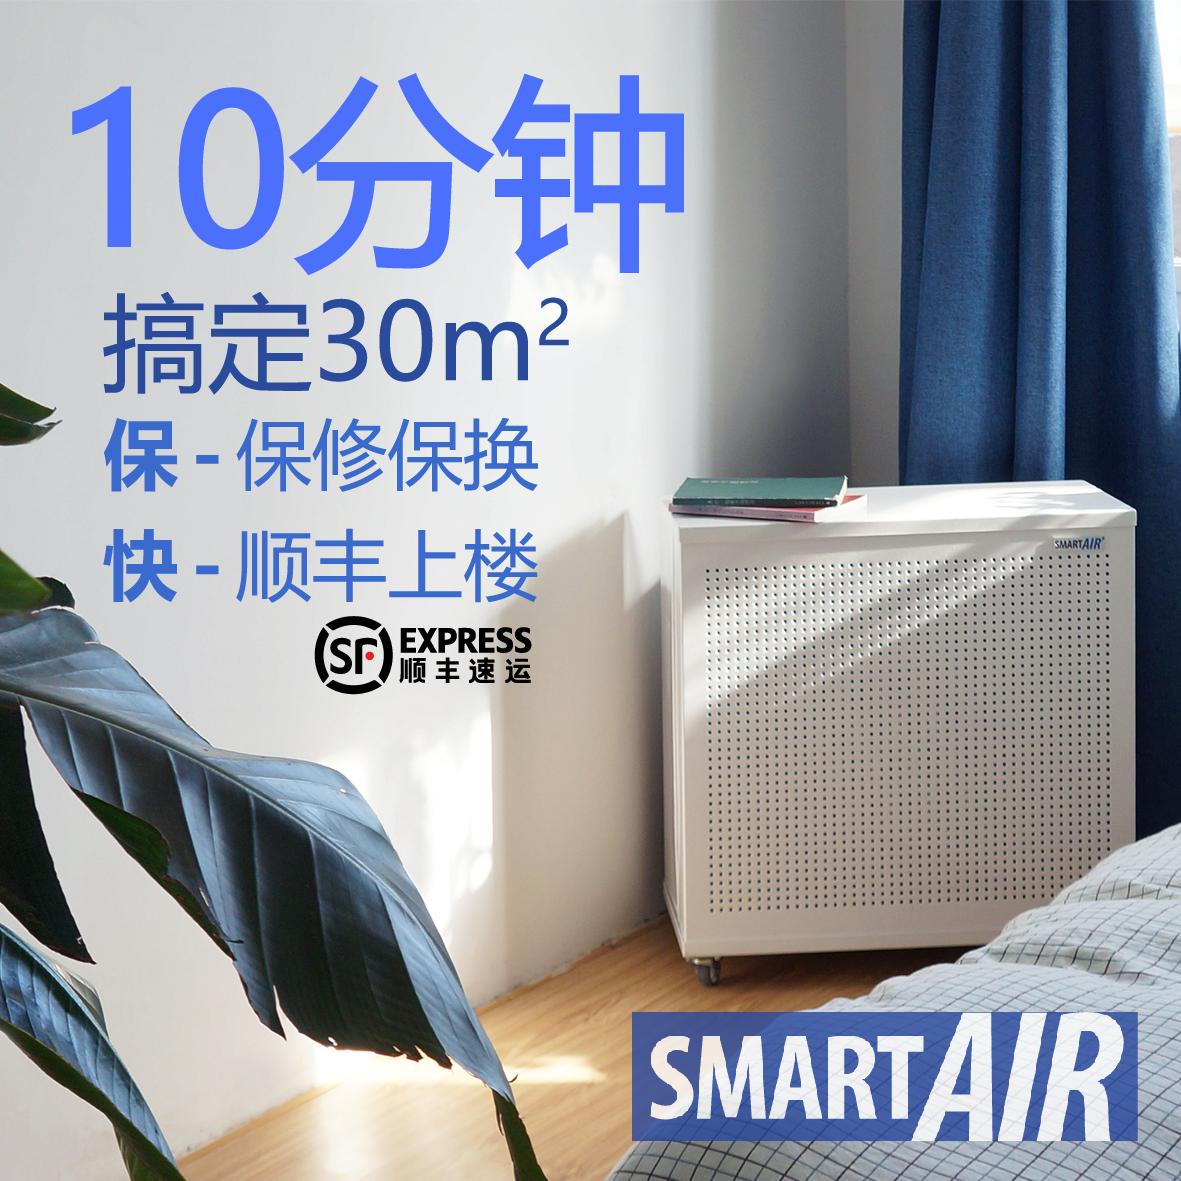 [Smart Air 聪明空气空气净化,氧吧]小胖FFU空气净化器 除雾霾甲醛净化月销量6件仅售1680元